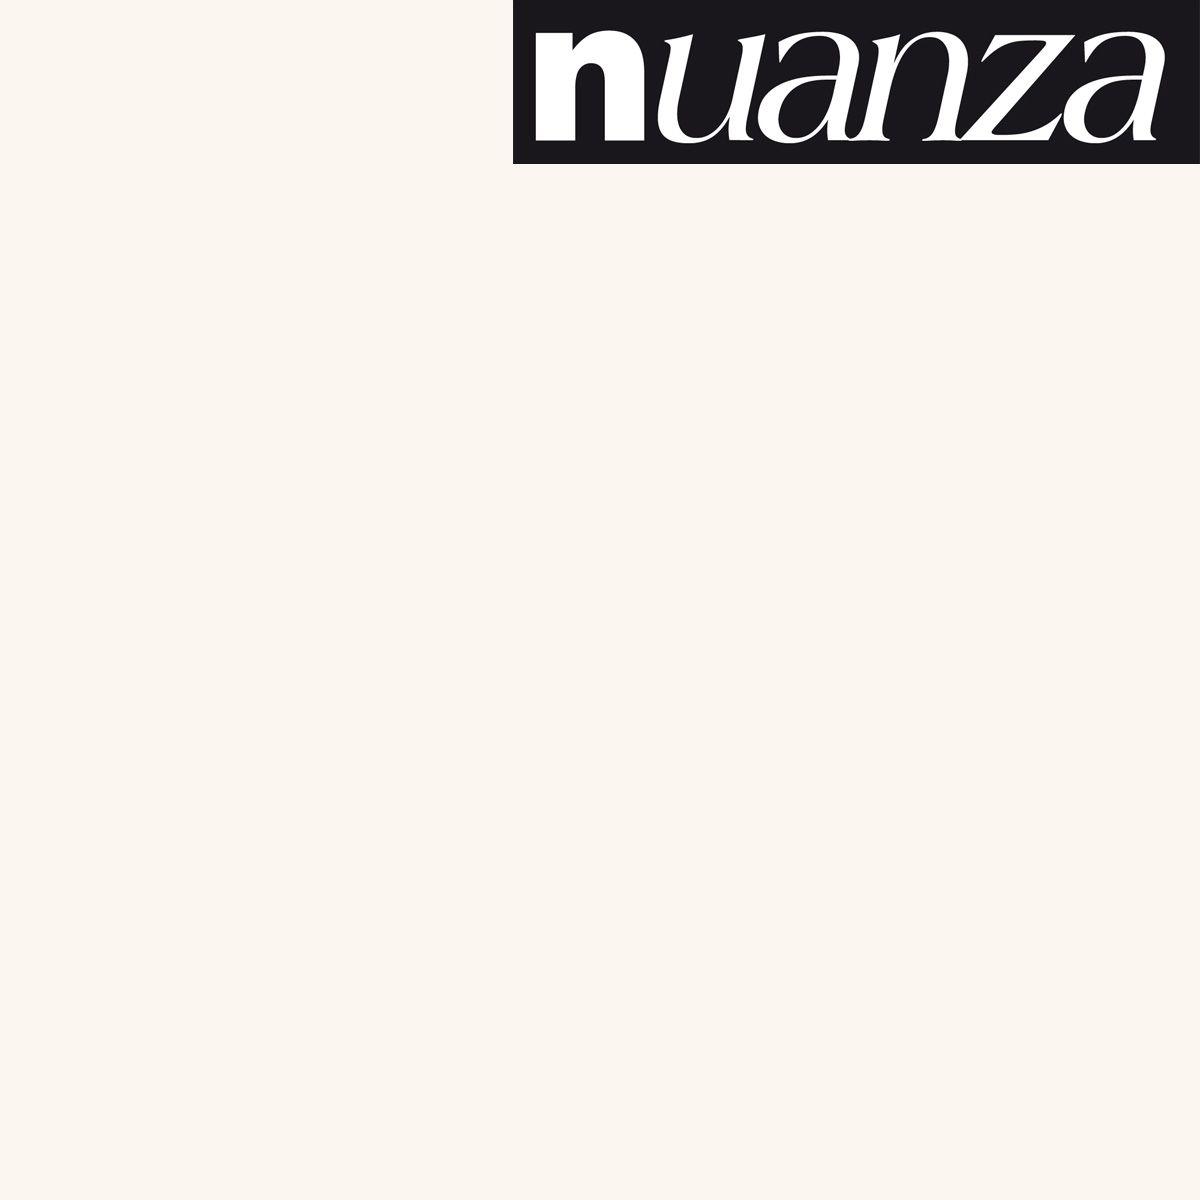 Peinture Nuanza mat monocouche calcaire 2.5l